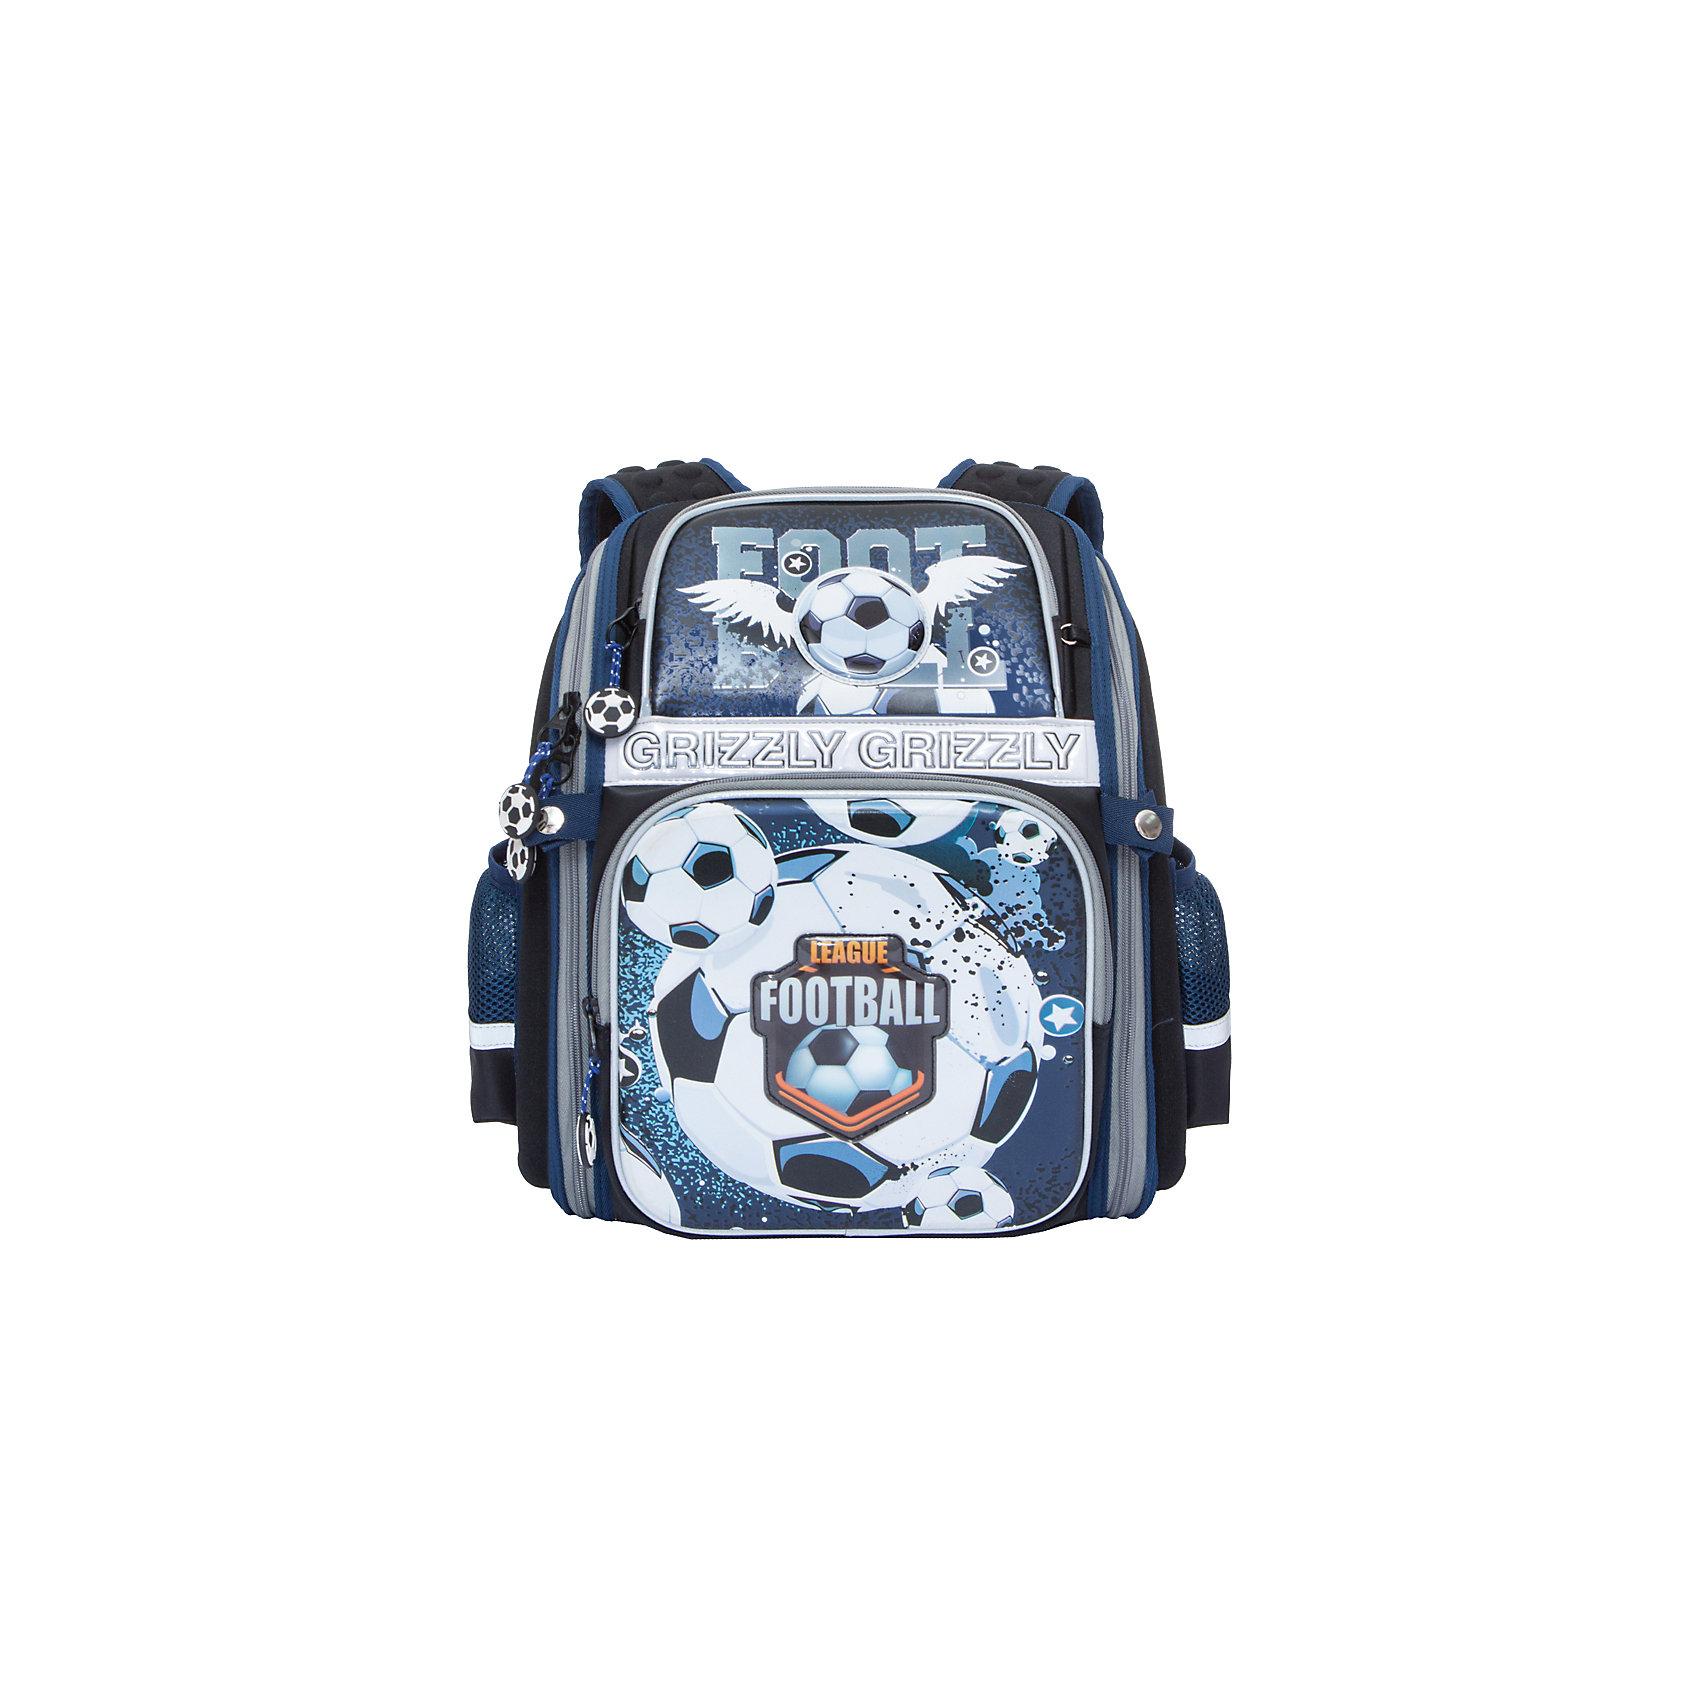 Grizzly рюкзак школьный 1 отделениеРюкзаки<br>Рюкзак школьный, одно отделение, два объемных кармана на молнии на передней стенке, объемные боковые карманы на молнии, внутренний карман на молнии, внутренний составной пенал-органайзер, жесткая анатомическая спинка, дополнительная ручка-петля, укрепленные лямки, брелок-игрушка, светоотражающие элементы с четырех сторон.<br>Вес, г: 1110<br>Размер, см: 30х37х16<br>Состав: Нейлон<br>Наличие светоотражающих элементов:  да<br>Материал: Нейлон<br>Спина:  жесткая<br>Наличие дополнительных карманов внутри:  нет<br>Дно выбрать:  жесткое<br>Количество отделений внутри:  1<br>Боковые карманы: да<br>Замок:  Молния<br>Вмещает А4:  да<br><br>Ширина мм: 300<br>Глубина мм: 160<br>Высота мм: 370<br>Вес г: 880<br>Возраст от месяцев: 72<br>Возраст до месяцев: 120<br>Пол: Мужской<br>Возраст: Детский<br>SKU: 6727537